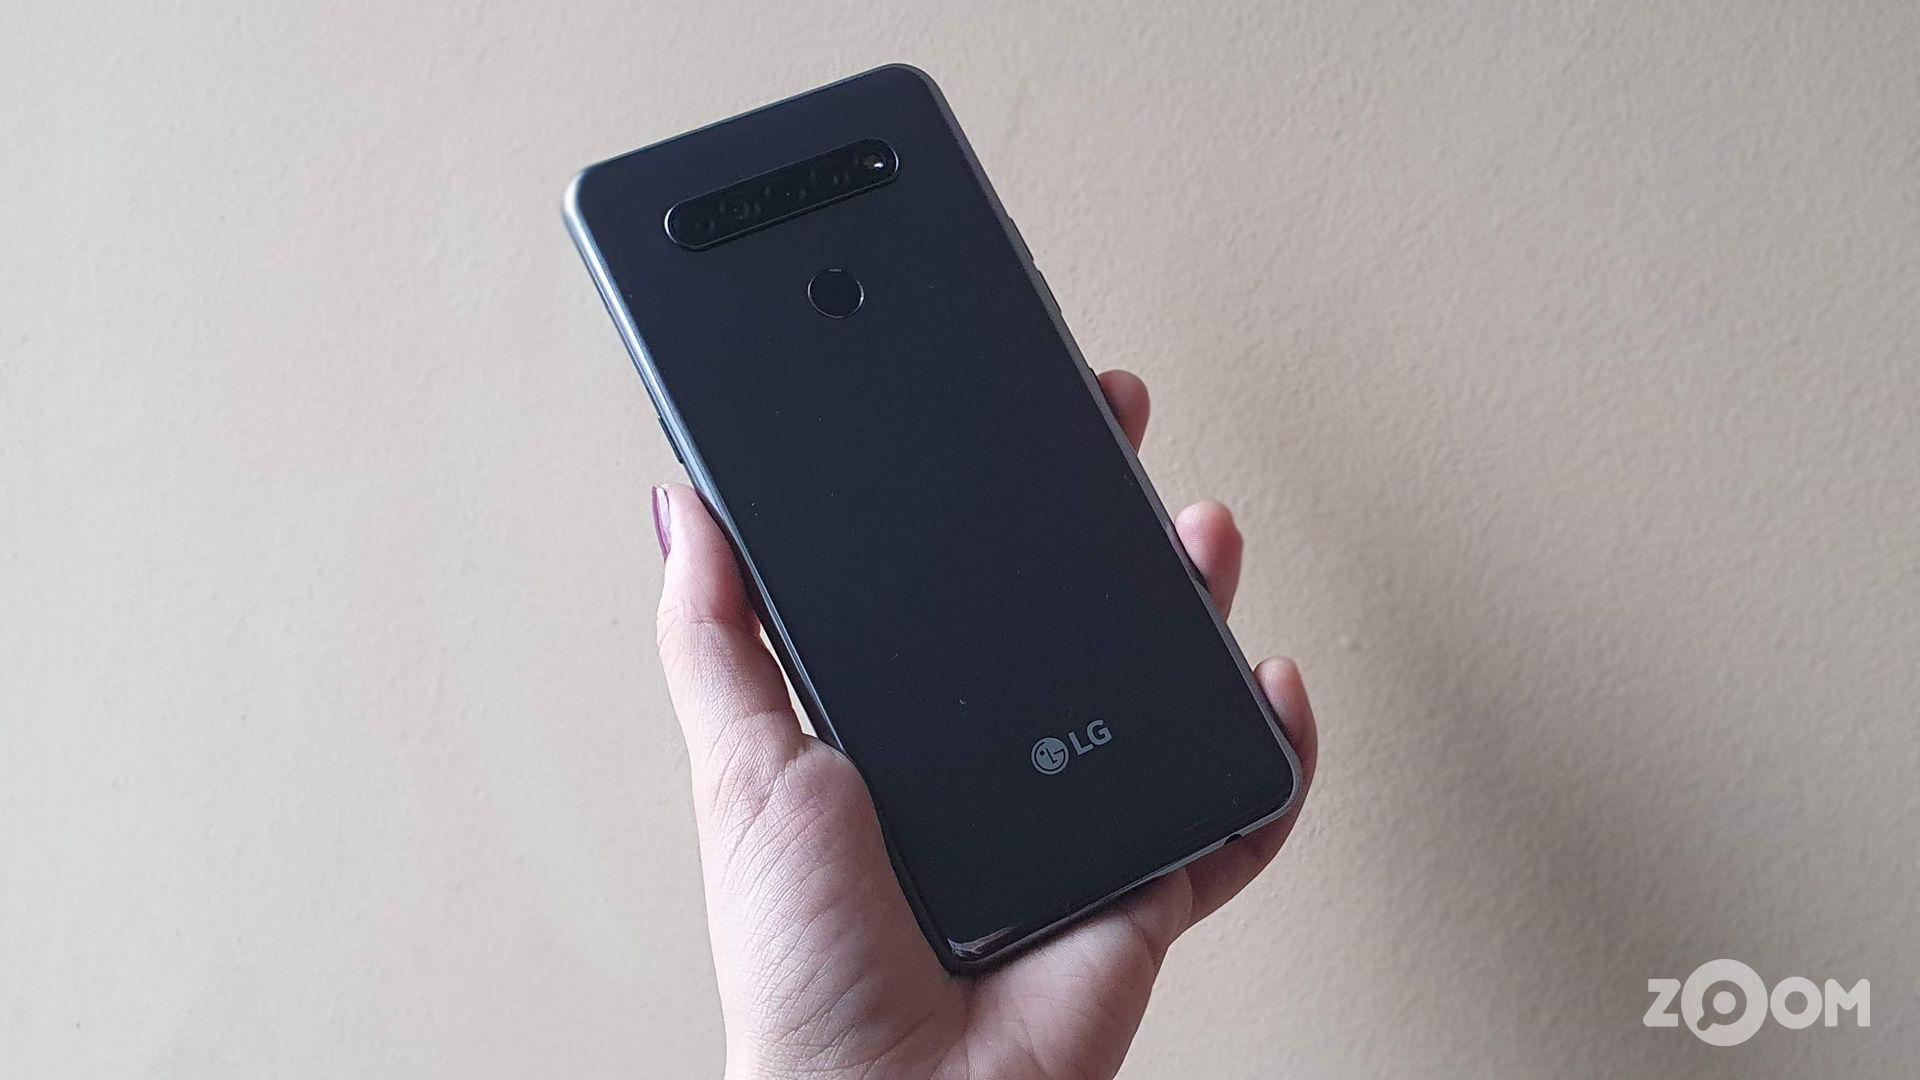 Câmera quádrupla traseira do LG K51s (Imagem: Ana Marques/Zoom)